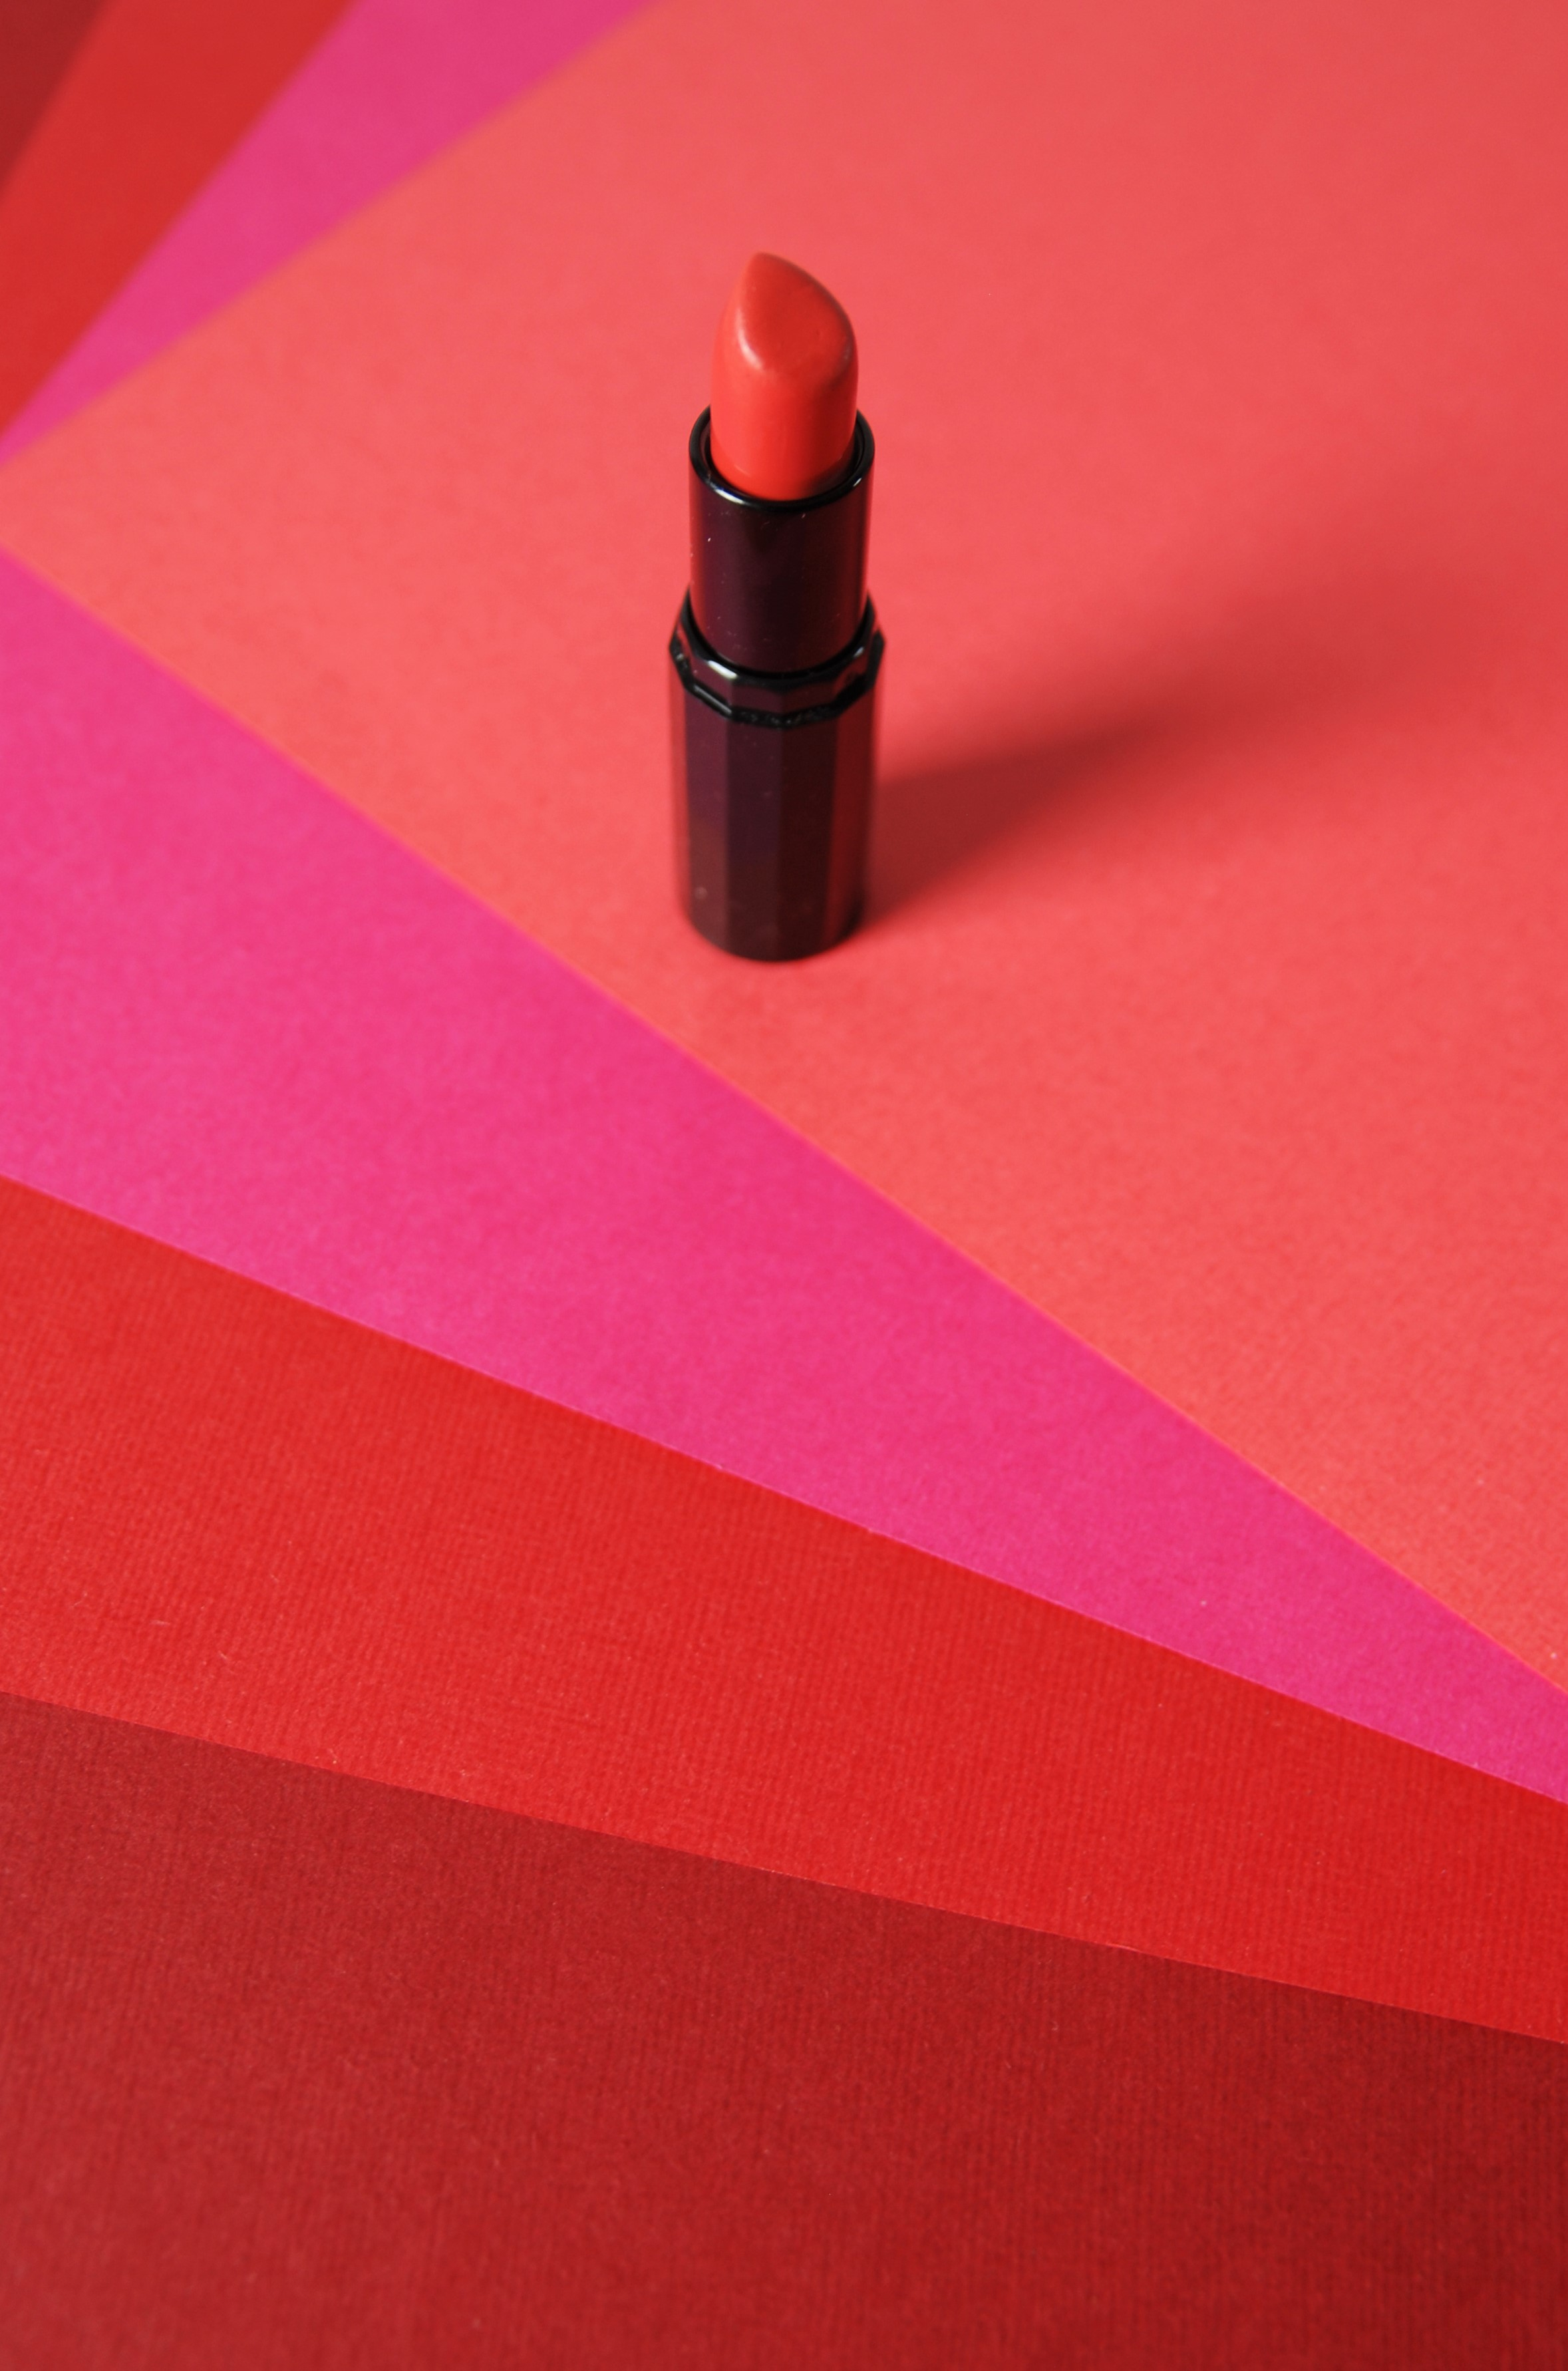 Set-Design-rouge-a-levres-arc-en-ciel-papiers-roses-Laure-Devenelle-2020